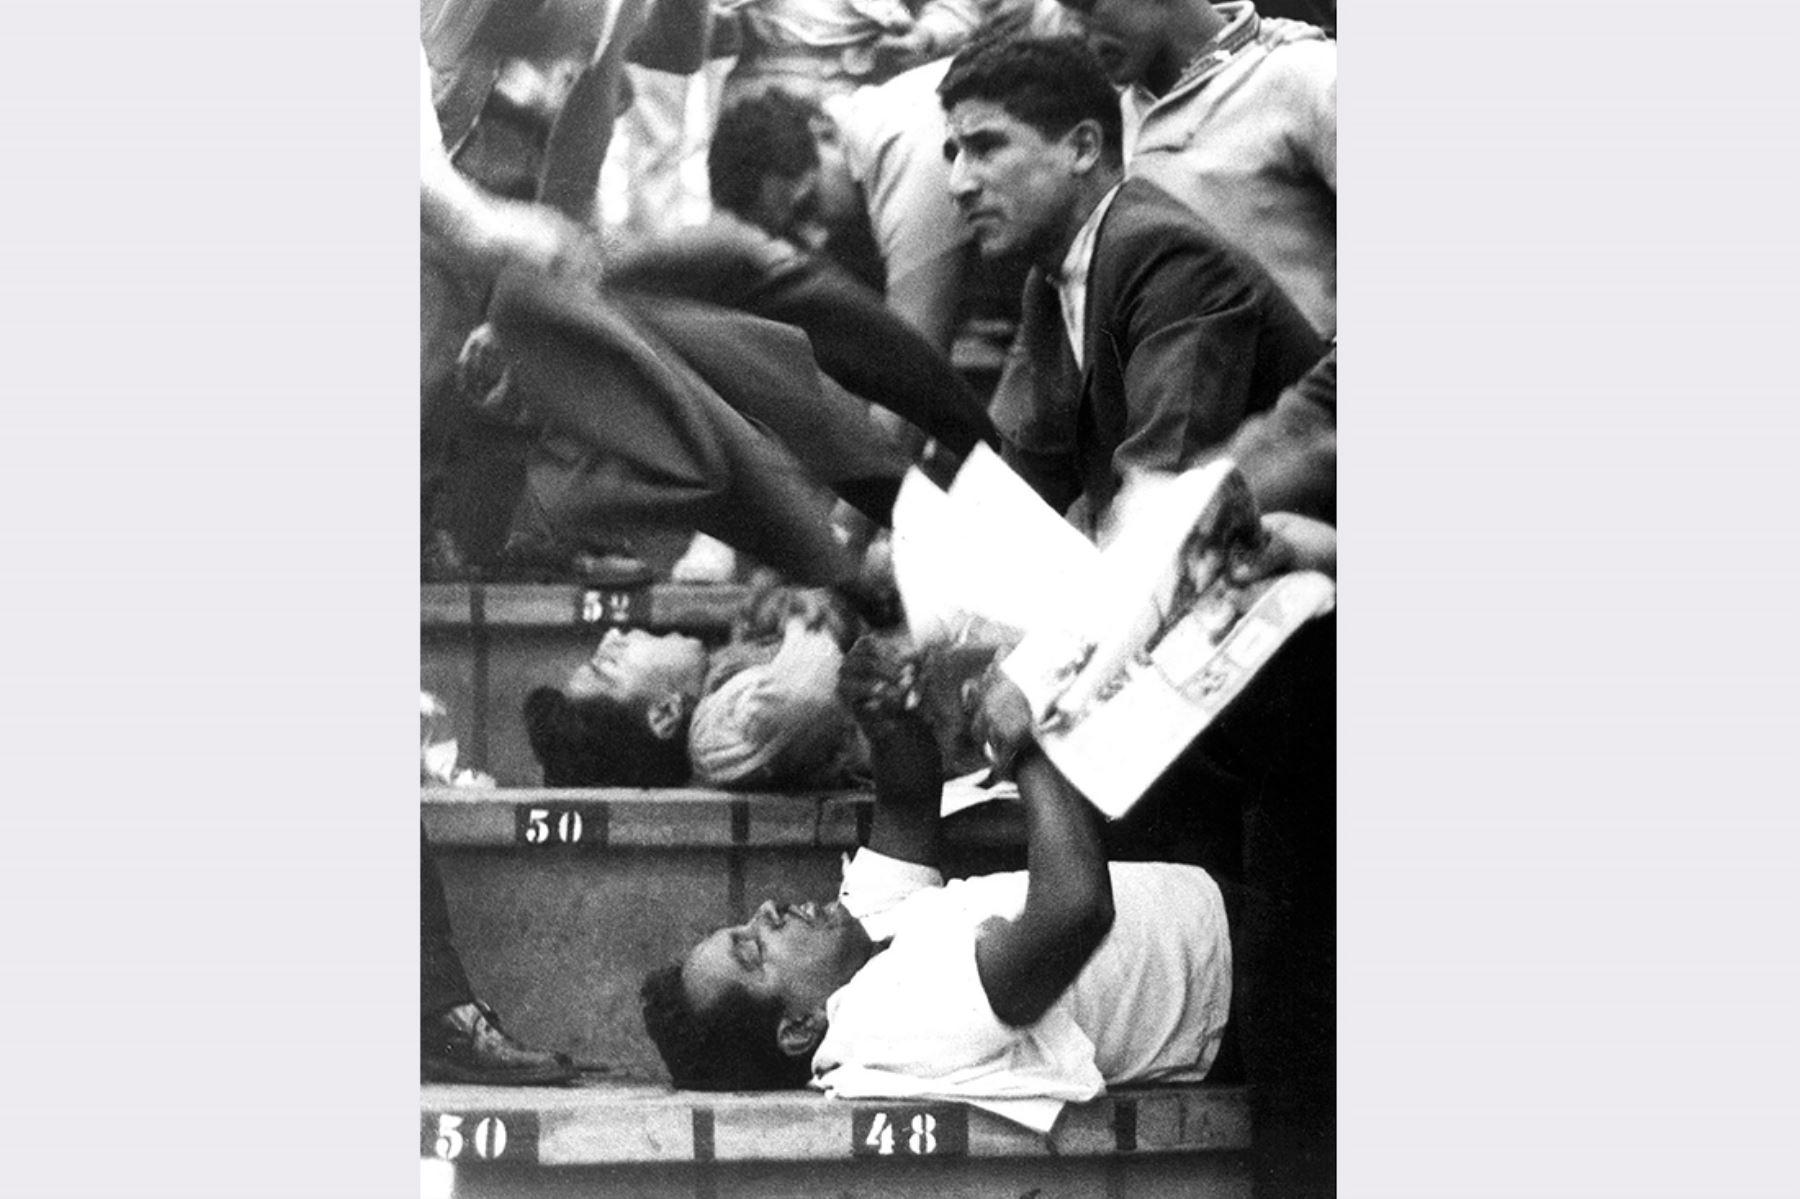 Lima - 24 mayo 1964. Muchos heridos reciben ayuda en las gradas del Estadio Nacional luego de un partido de clasificación para los Juegos Olímpicos de Tokio entre Perú y Argentina. La anulación de un gol peruano originó protestas e hizo que la policía  arrojara gases lacrimógenos al público generando caos y una estampida en la que murieron más de 300  personas. Foto:  AFP / IPD